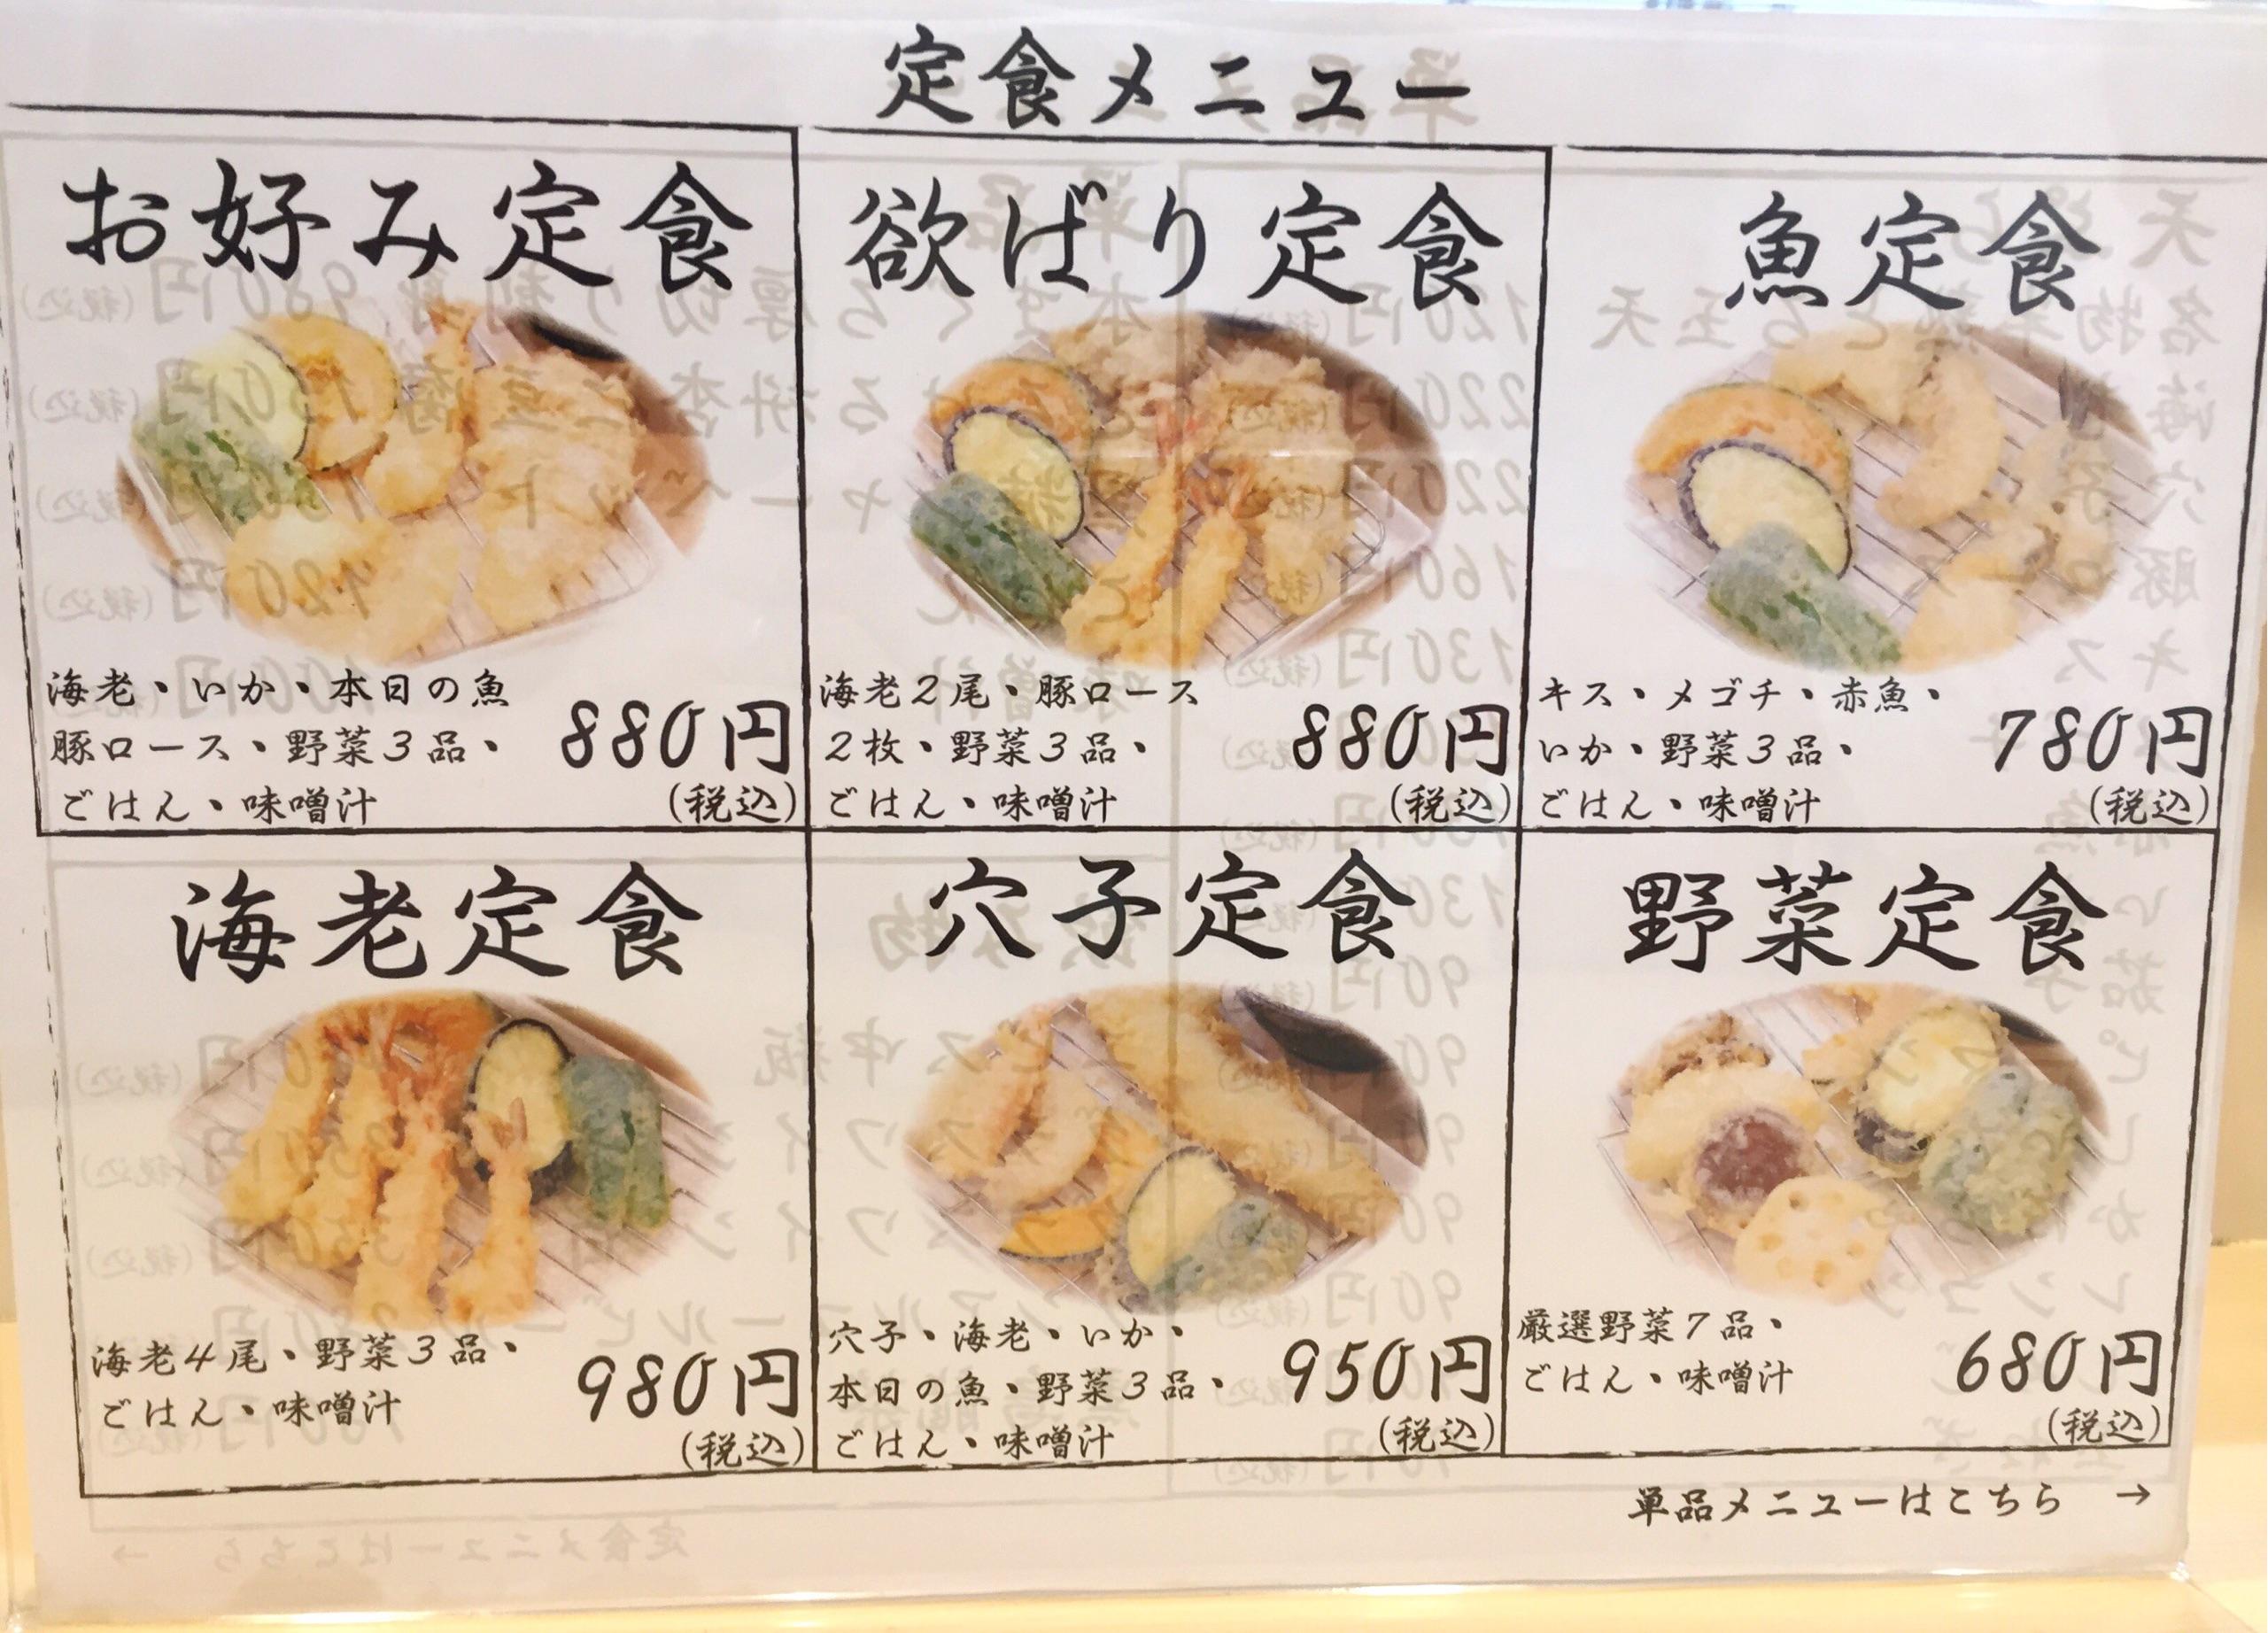 熱々天ぷら虎之介 定食メニュ-